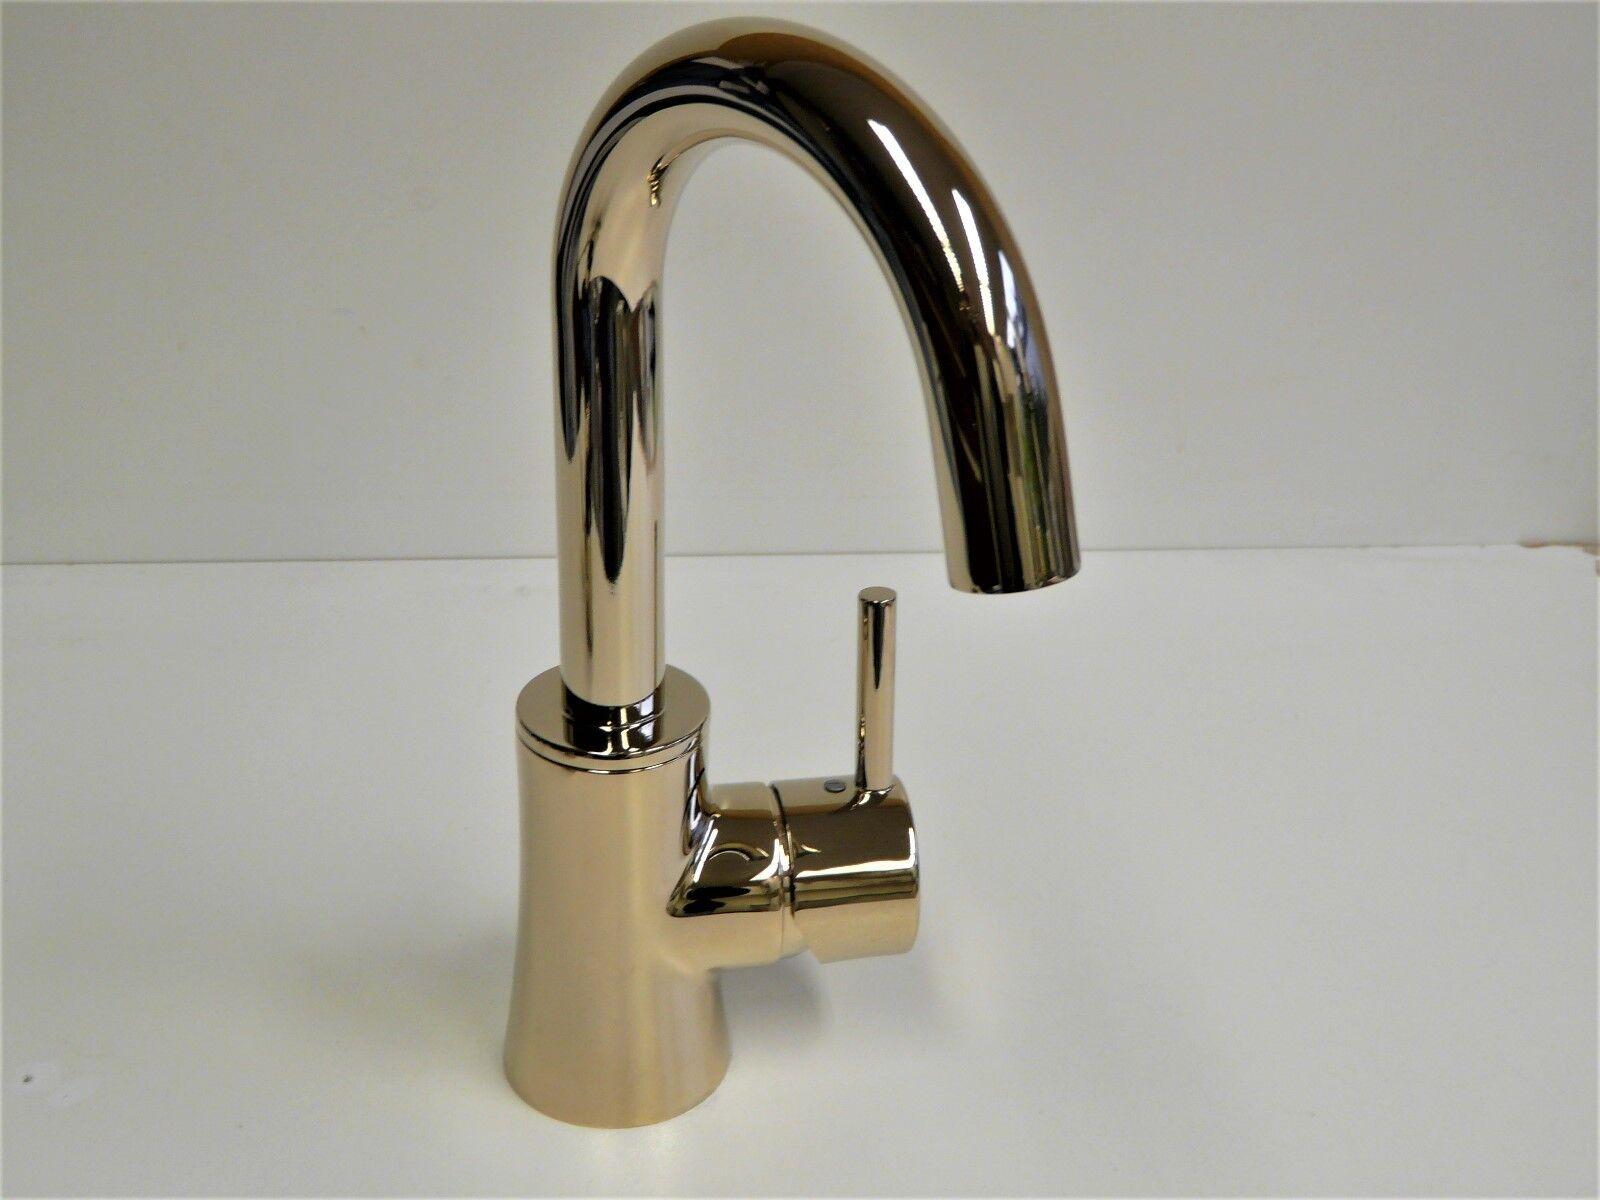 Waschtischarmatur Edelmessing Einhebelmischer, Wasserhahn, schwenkbar | Reichhaltiges Design  | | | Tragen-wider  | Sonderangebot  7fb234